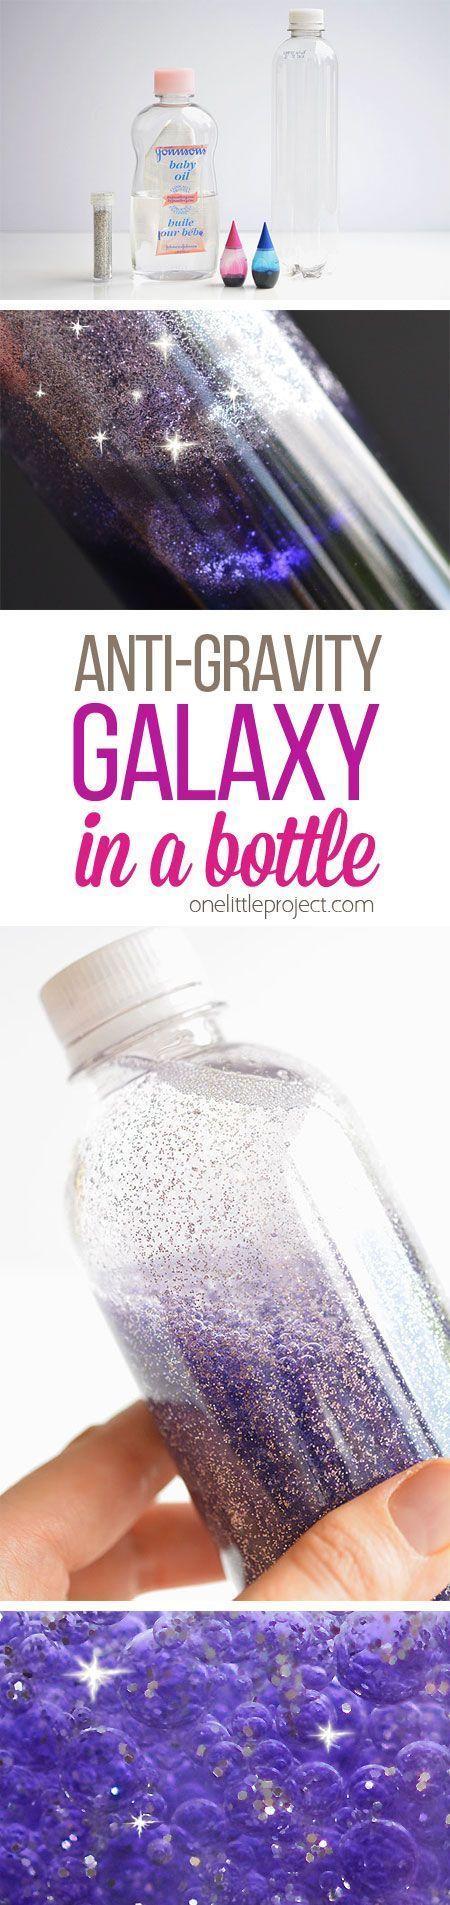 Fidget bracelet with built in marble maze by dejong dream house - Anti Gravity Galaxy In A Bottle